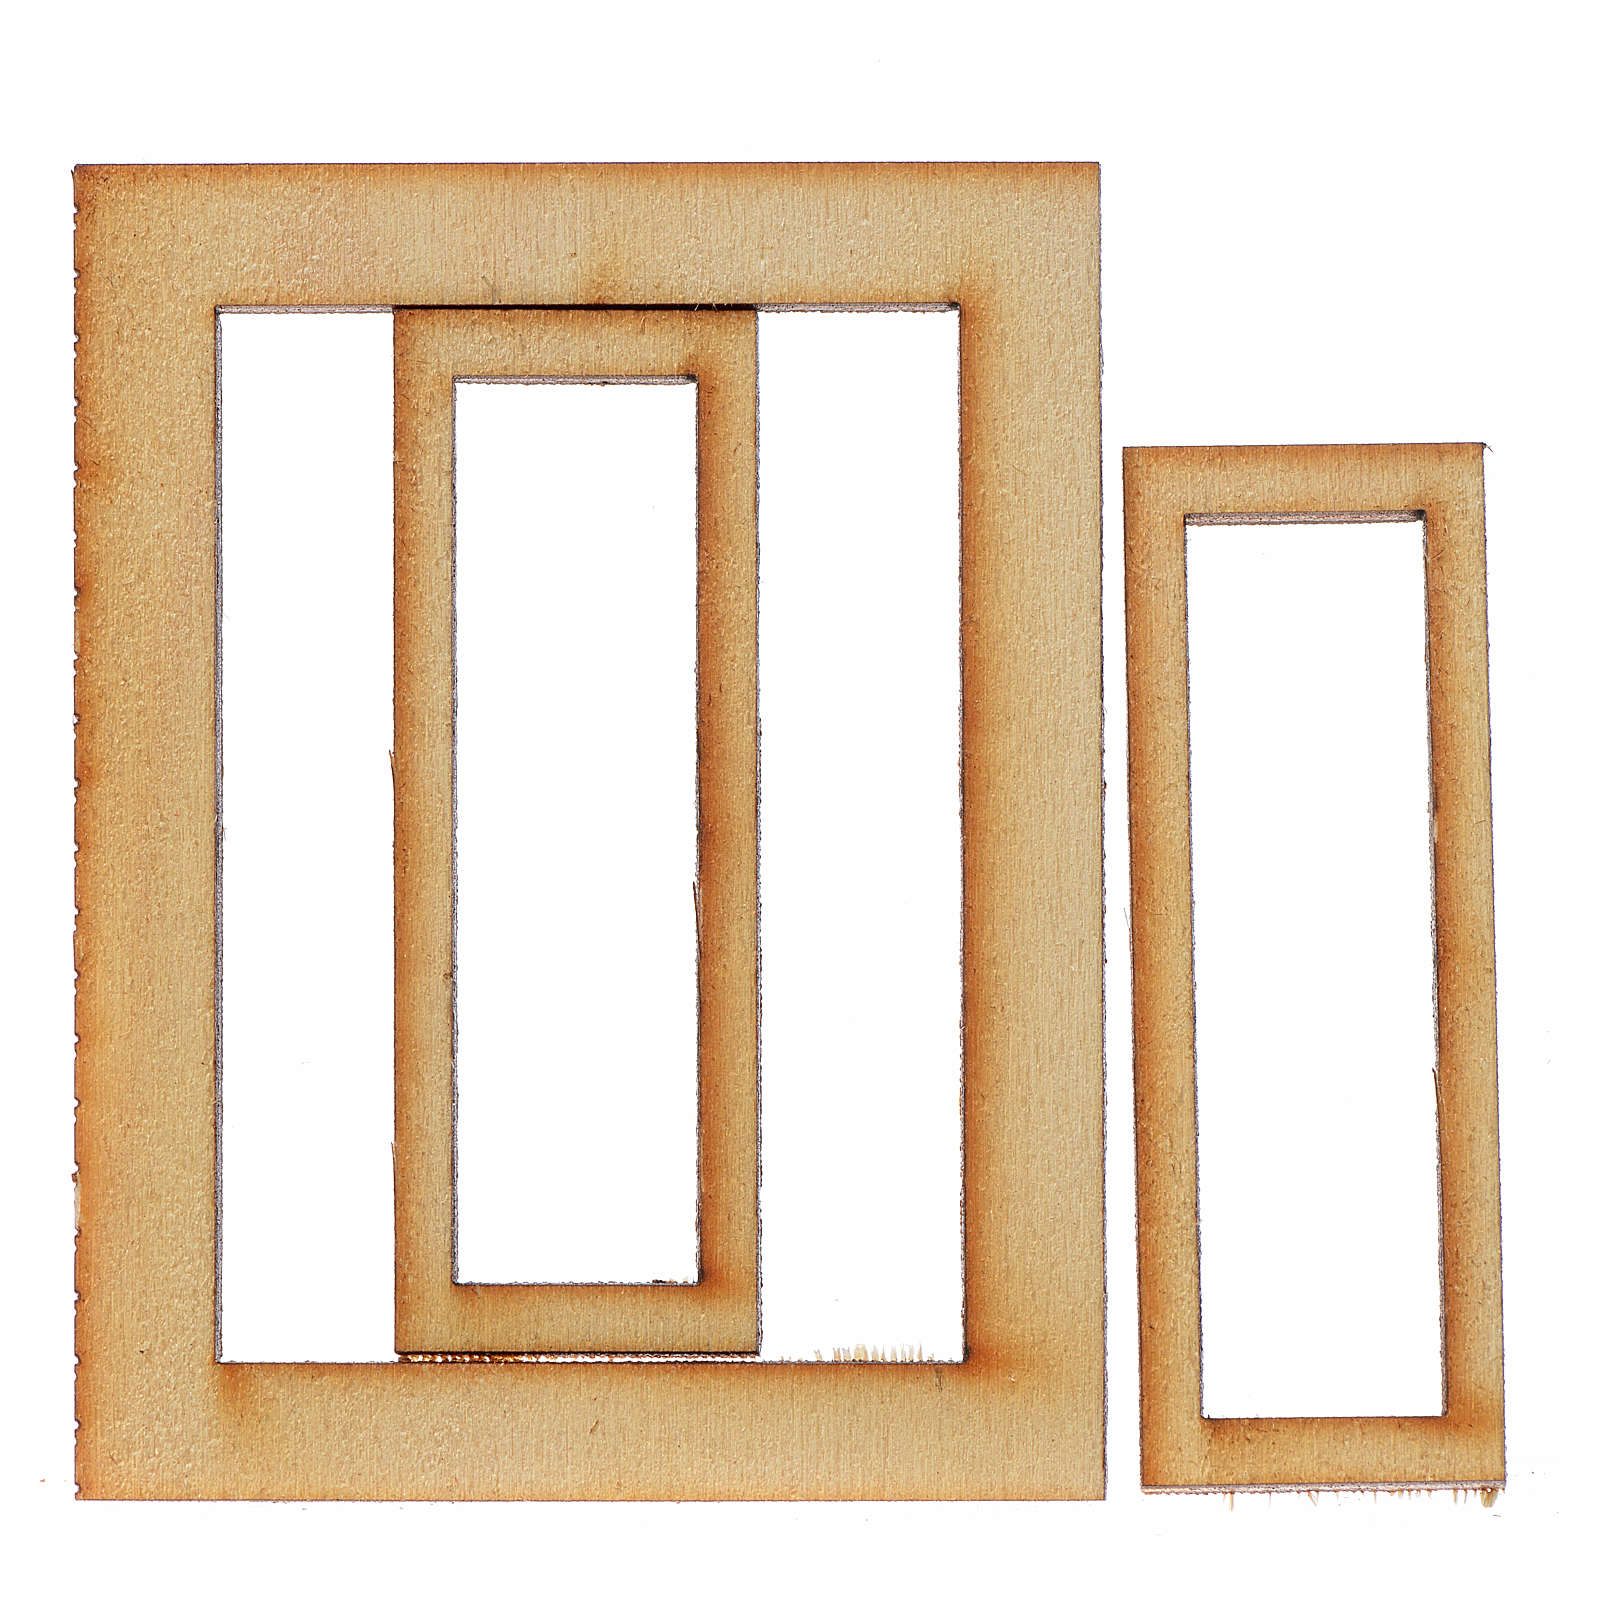 Marco madera belén 6,5x5 cm 4